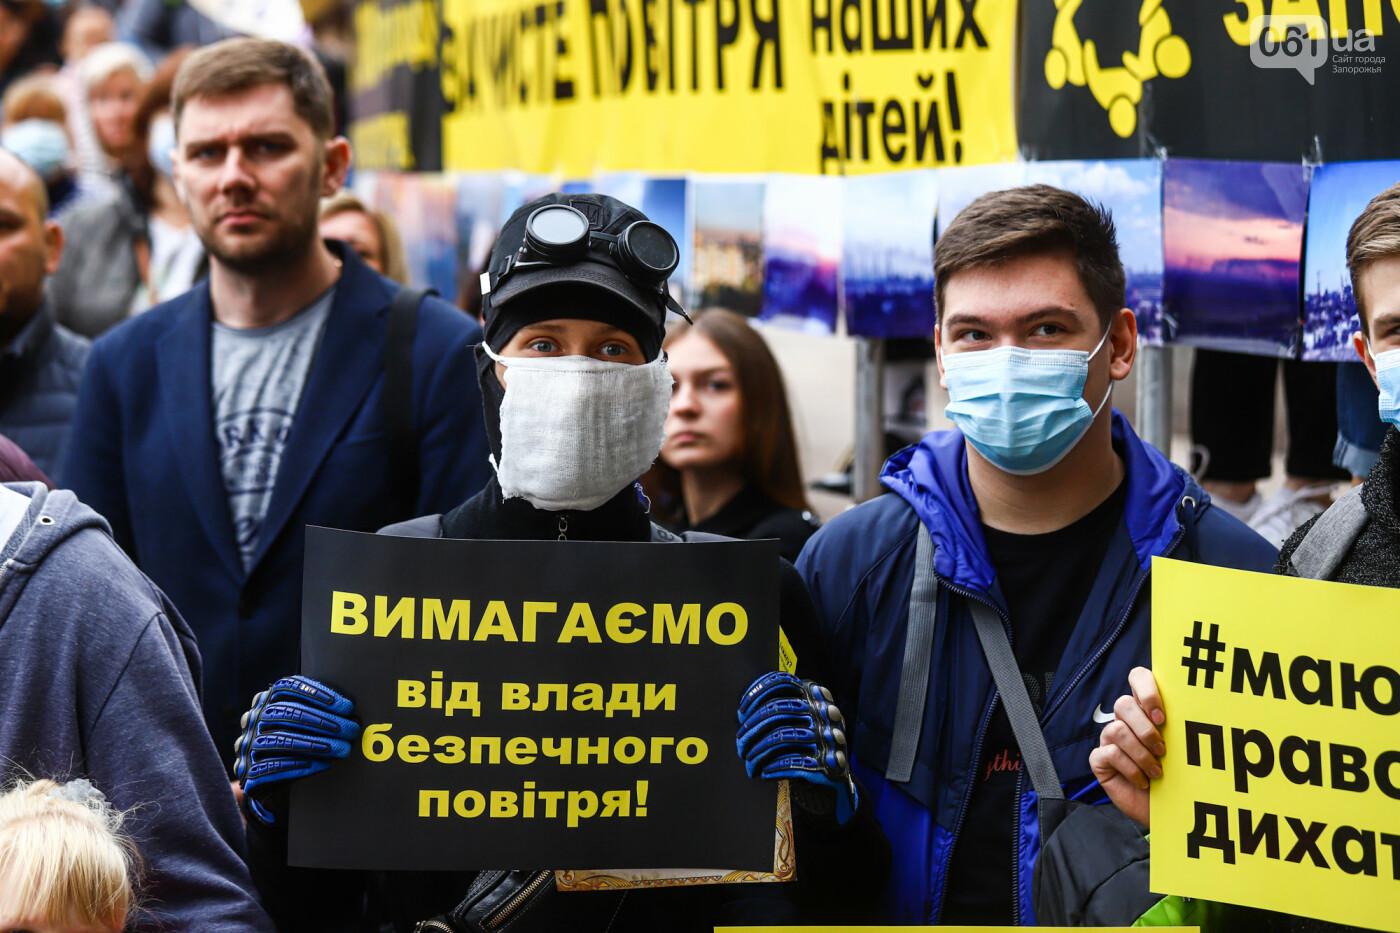 Маю право дихати: тысячи запорожцев вышли на экологический митинг, ФОТО, ВИДЕО, фото-32